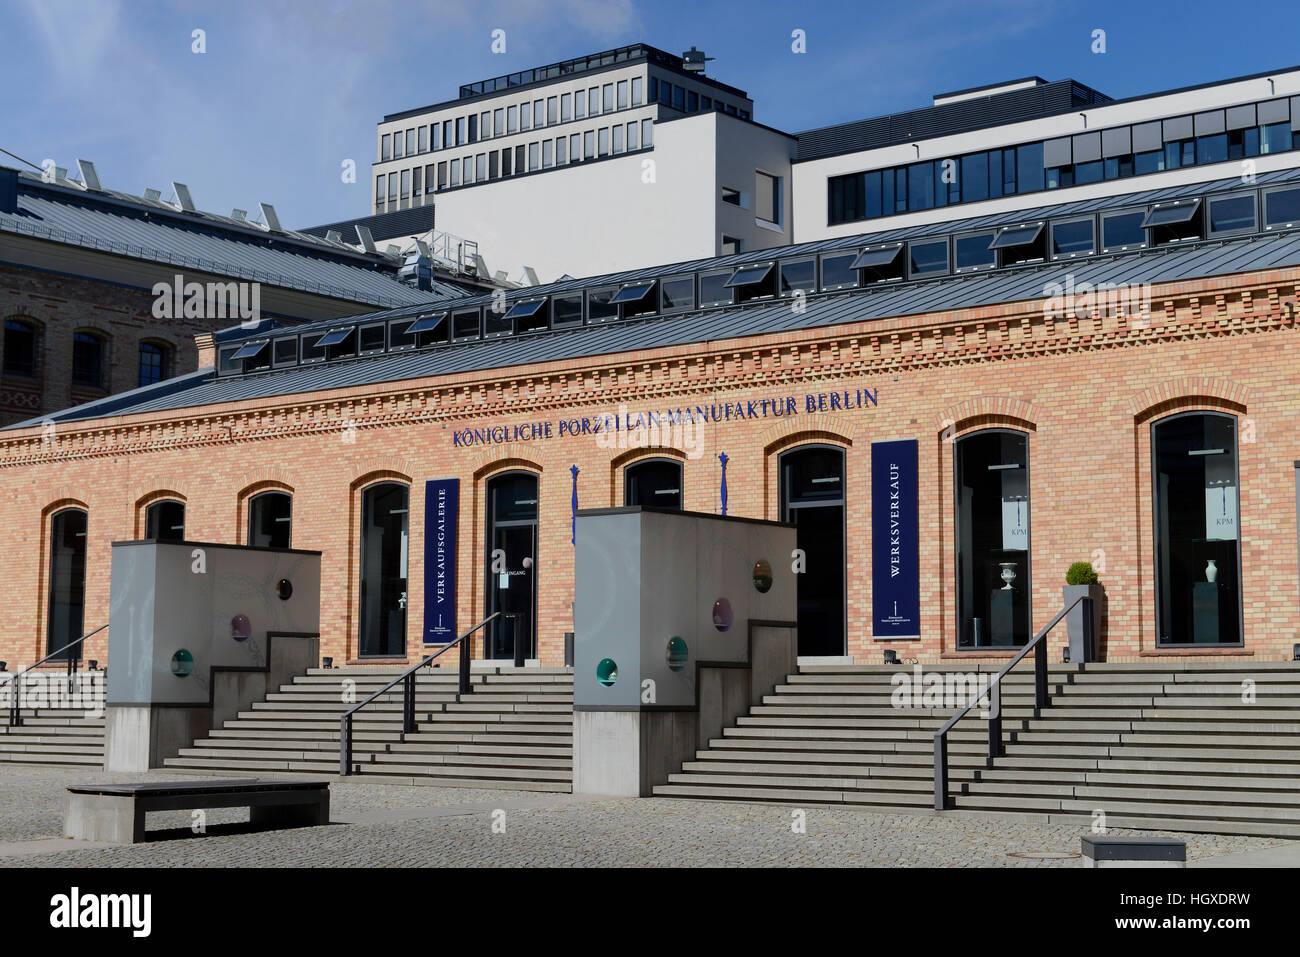 Kpm Königliche Porzellan Manufaktur Berlin Gmbh Berlin kpm, koenigliche porzellan manufaktur, wegelystrasse, charlottenburg